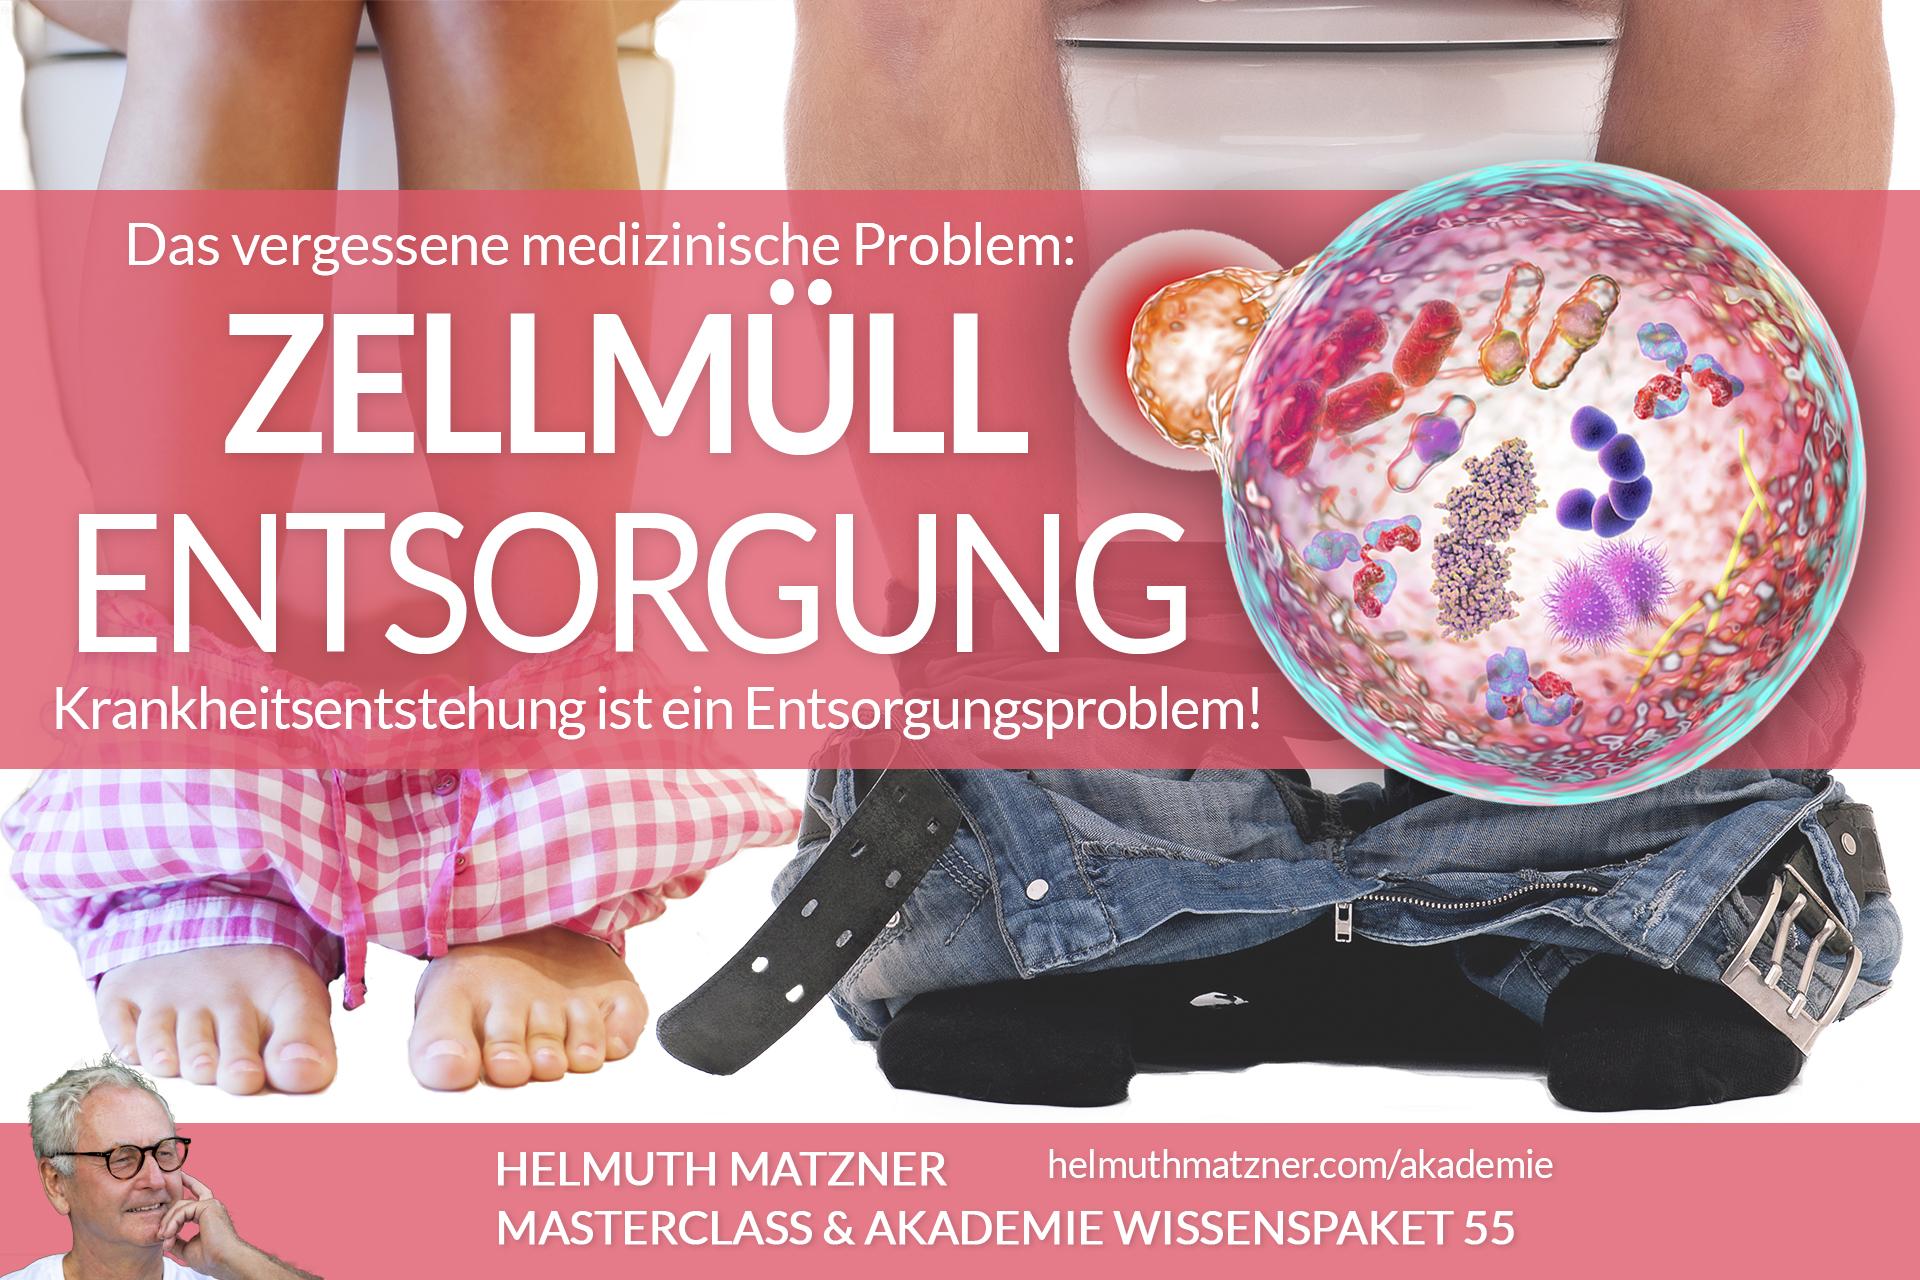 Helmuth Matzner - Masterclass & Akademie Wissenspaket 55 - Zellmüll Entsorgung - AKADEMIE - v01